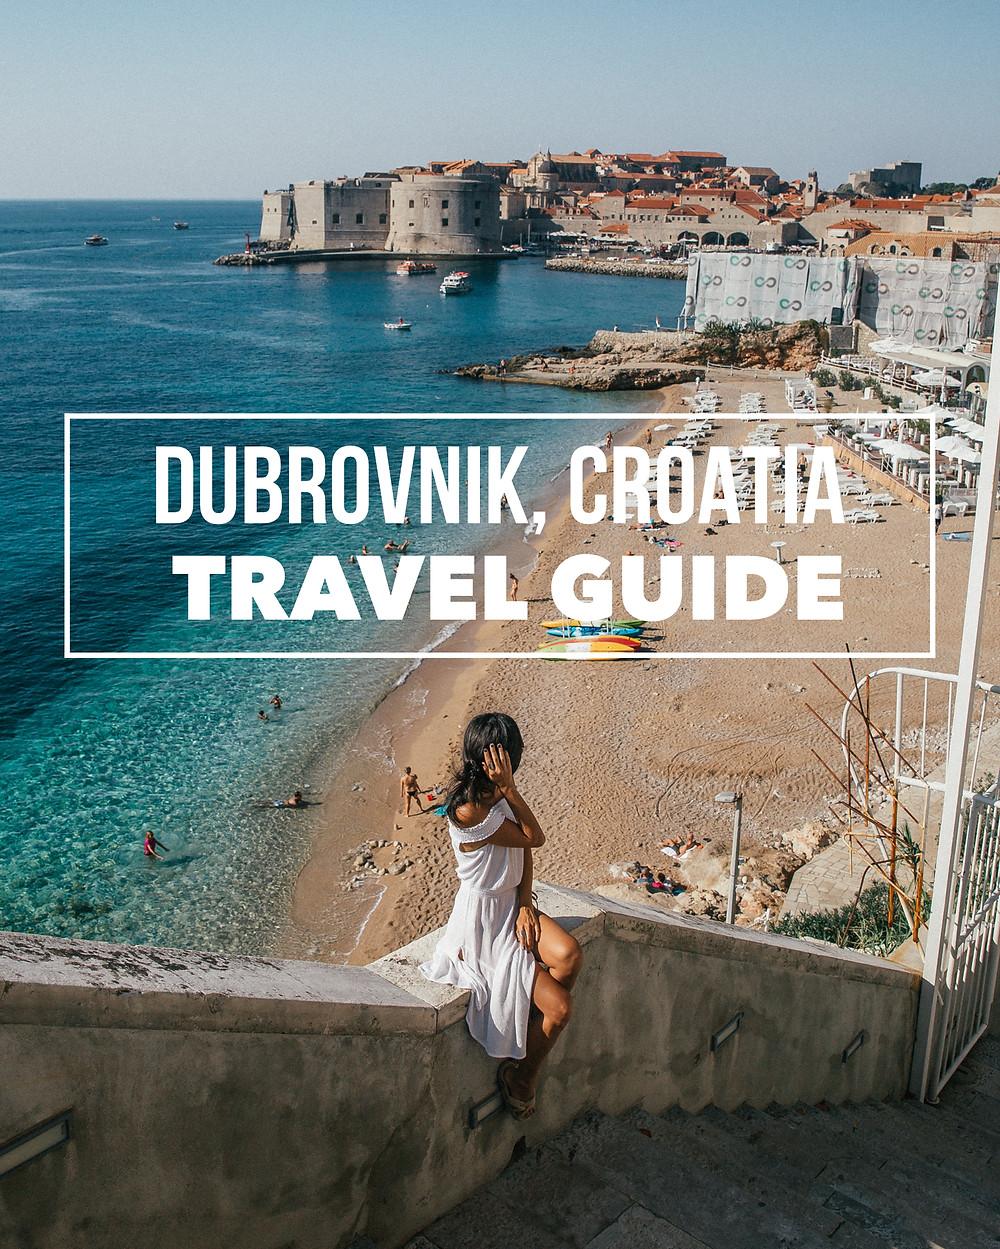 Dubrovnik, Croatia Travel Guide